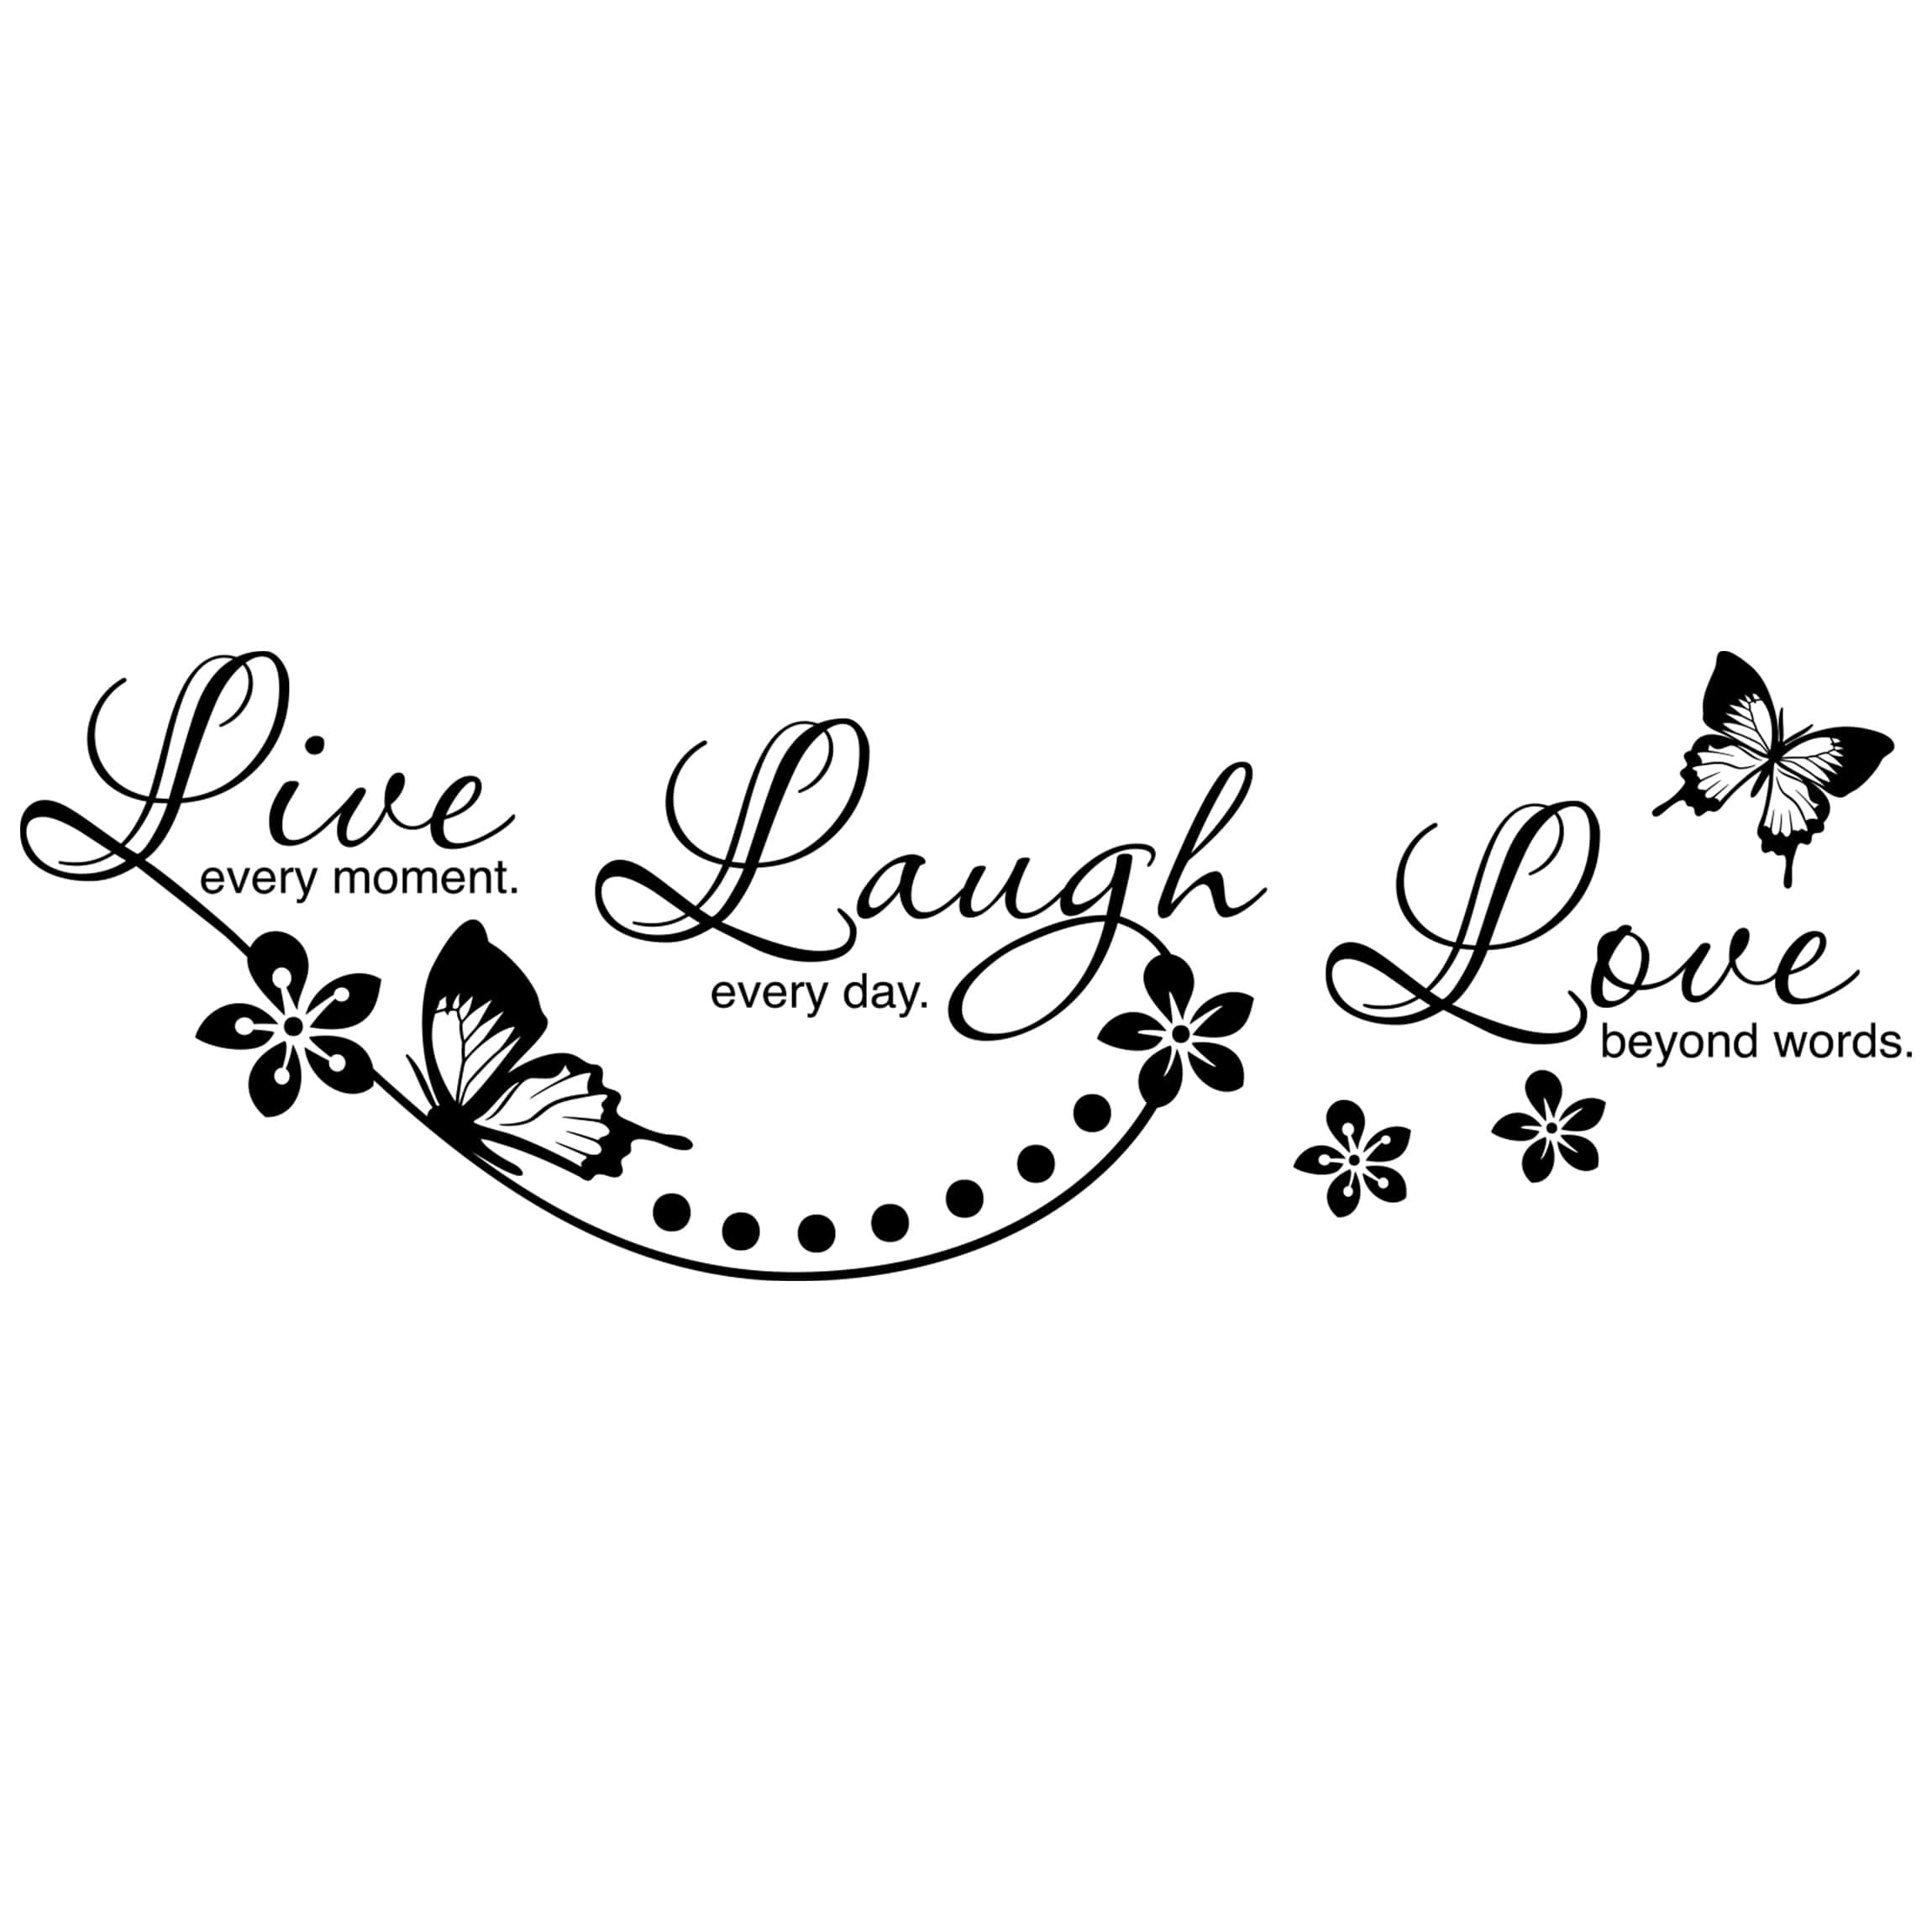 sprüche love Wandtattoo Sprüche Live Laugh Love sprüche love